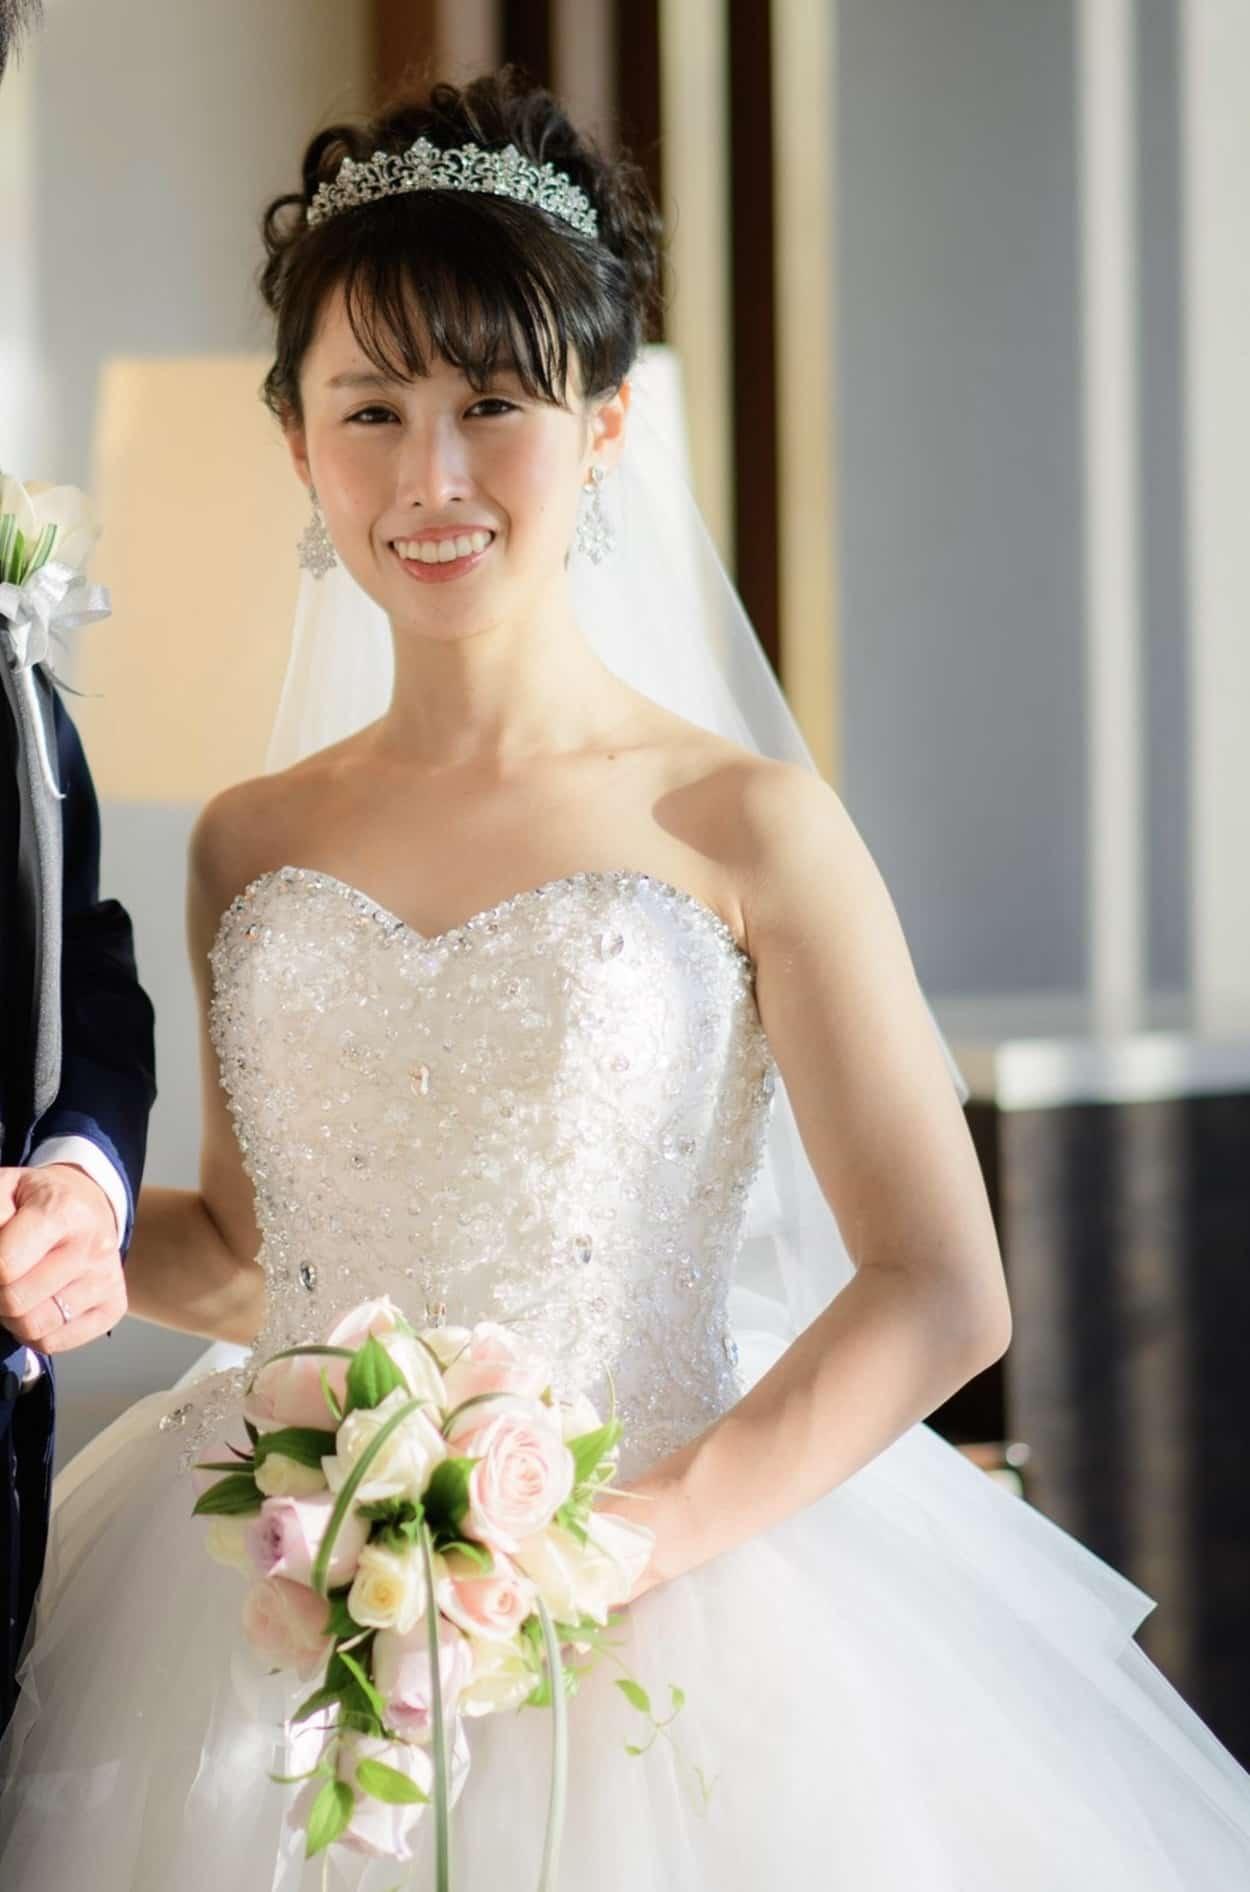 花嫁 髪型 王道のティアラ アップスタイル ウェディングドレス着用